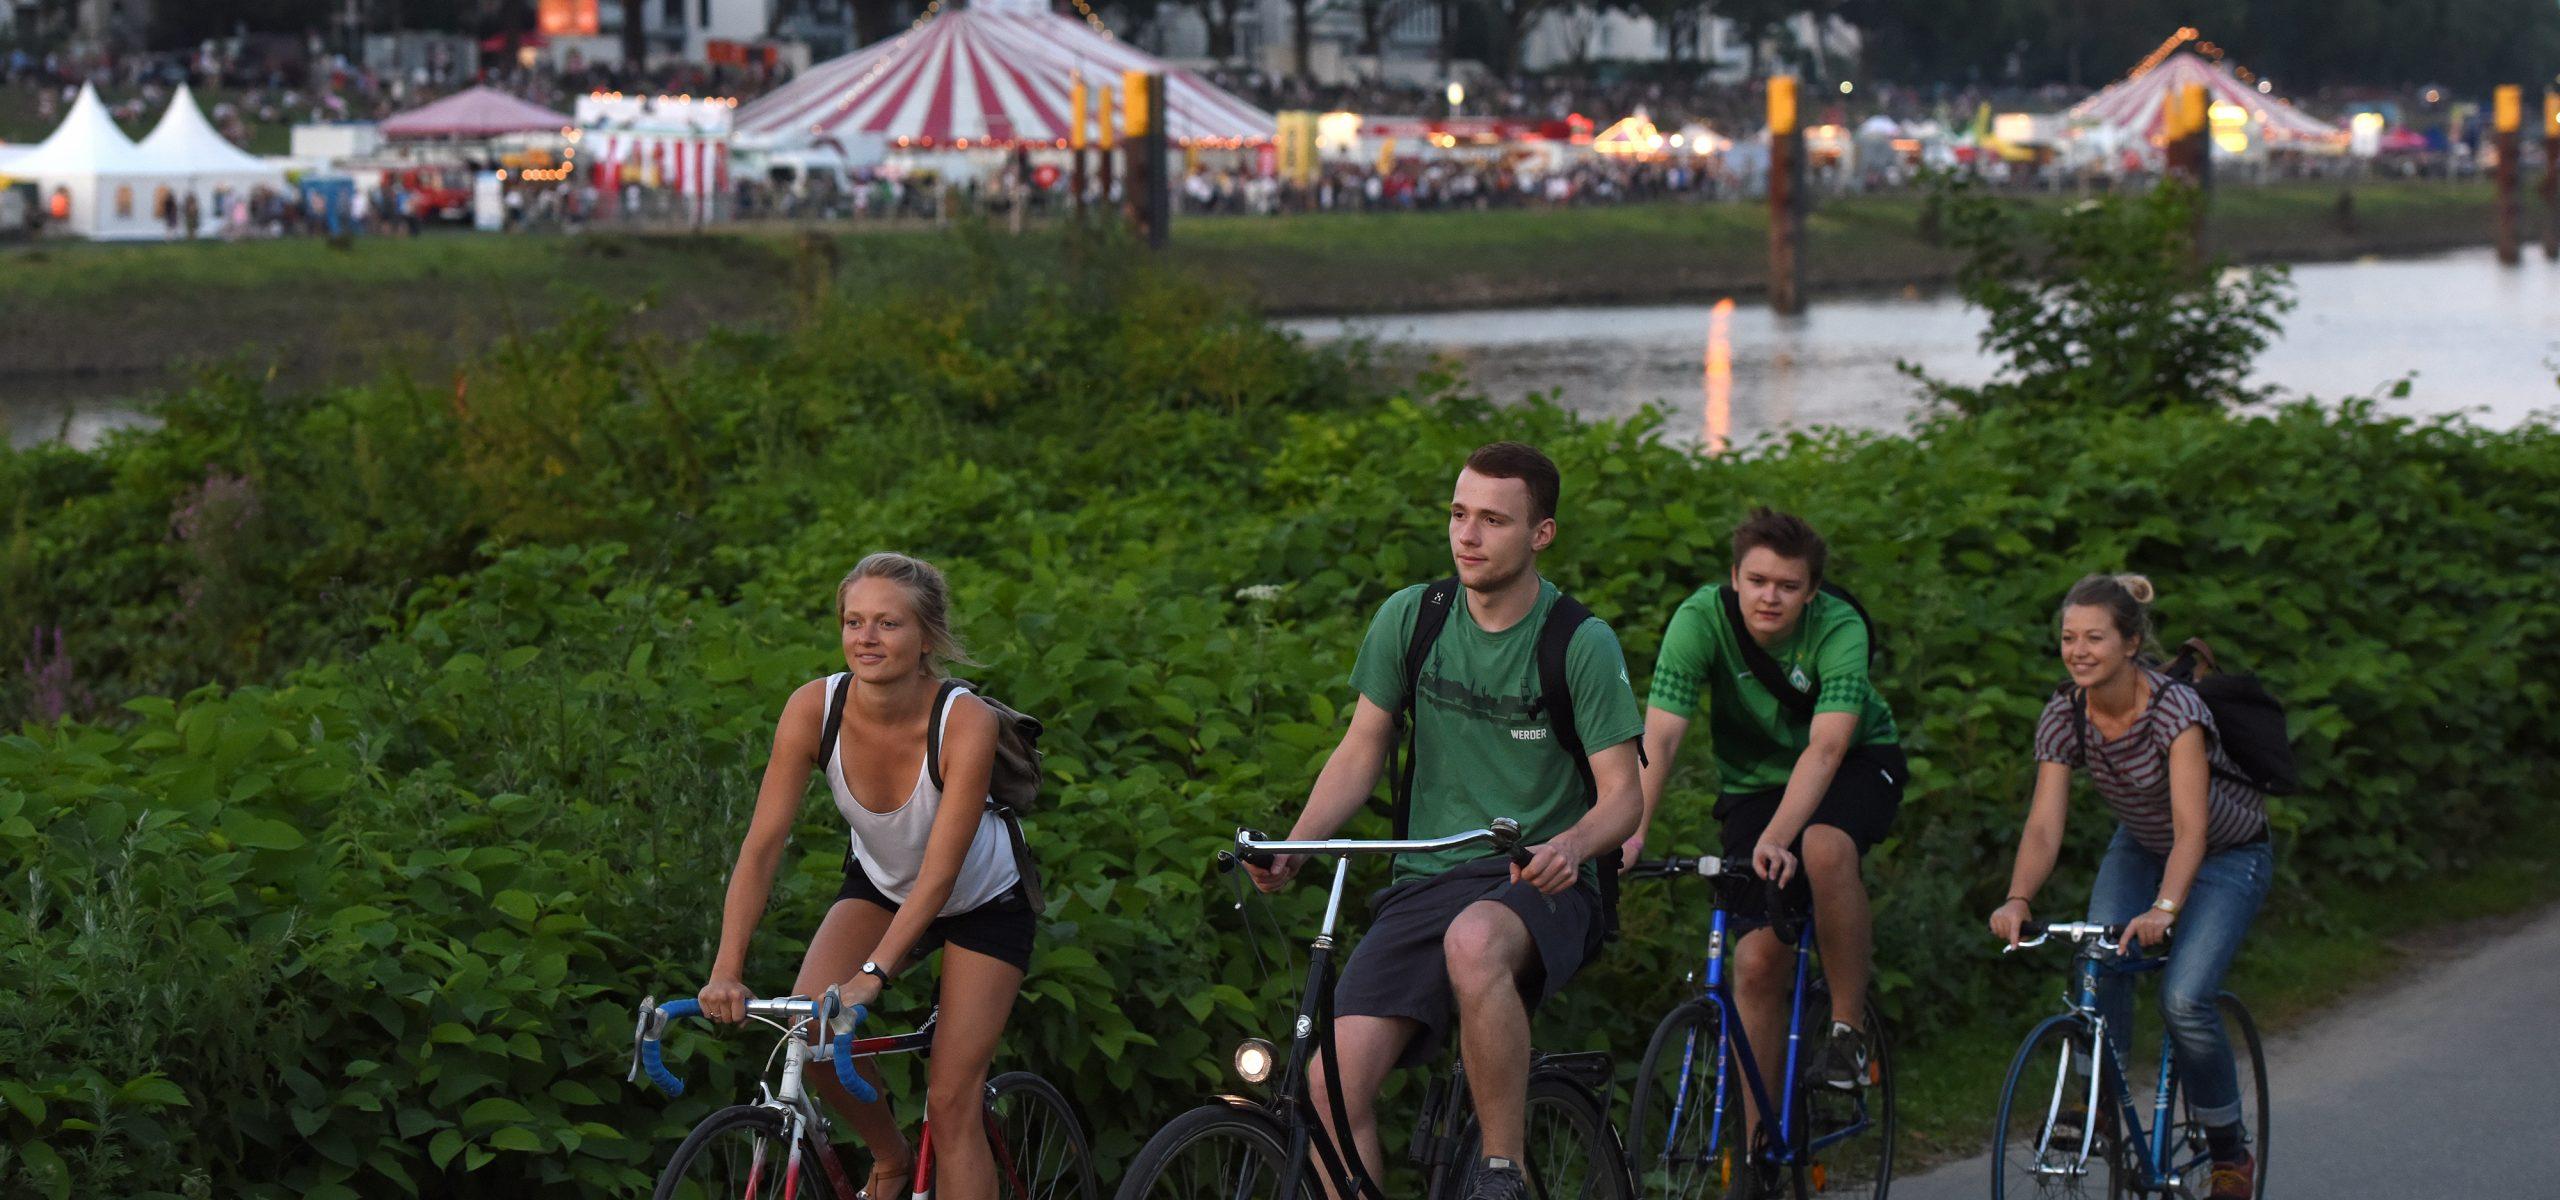 Vier Personen fahren auf dem Fahrrad.